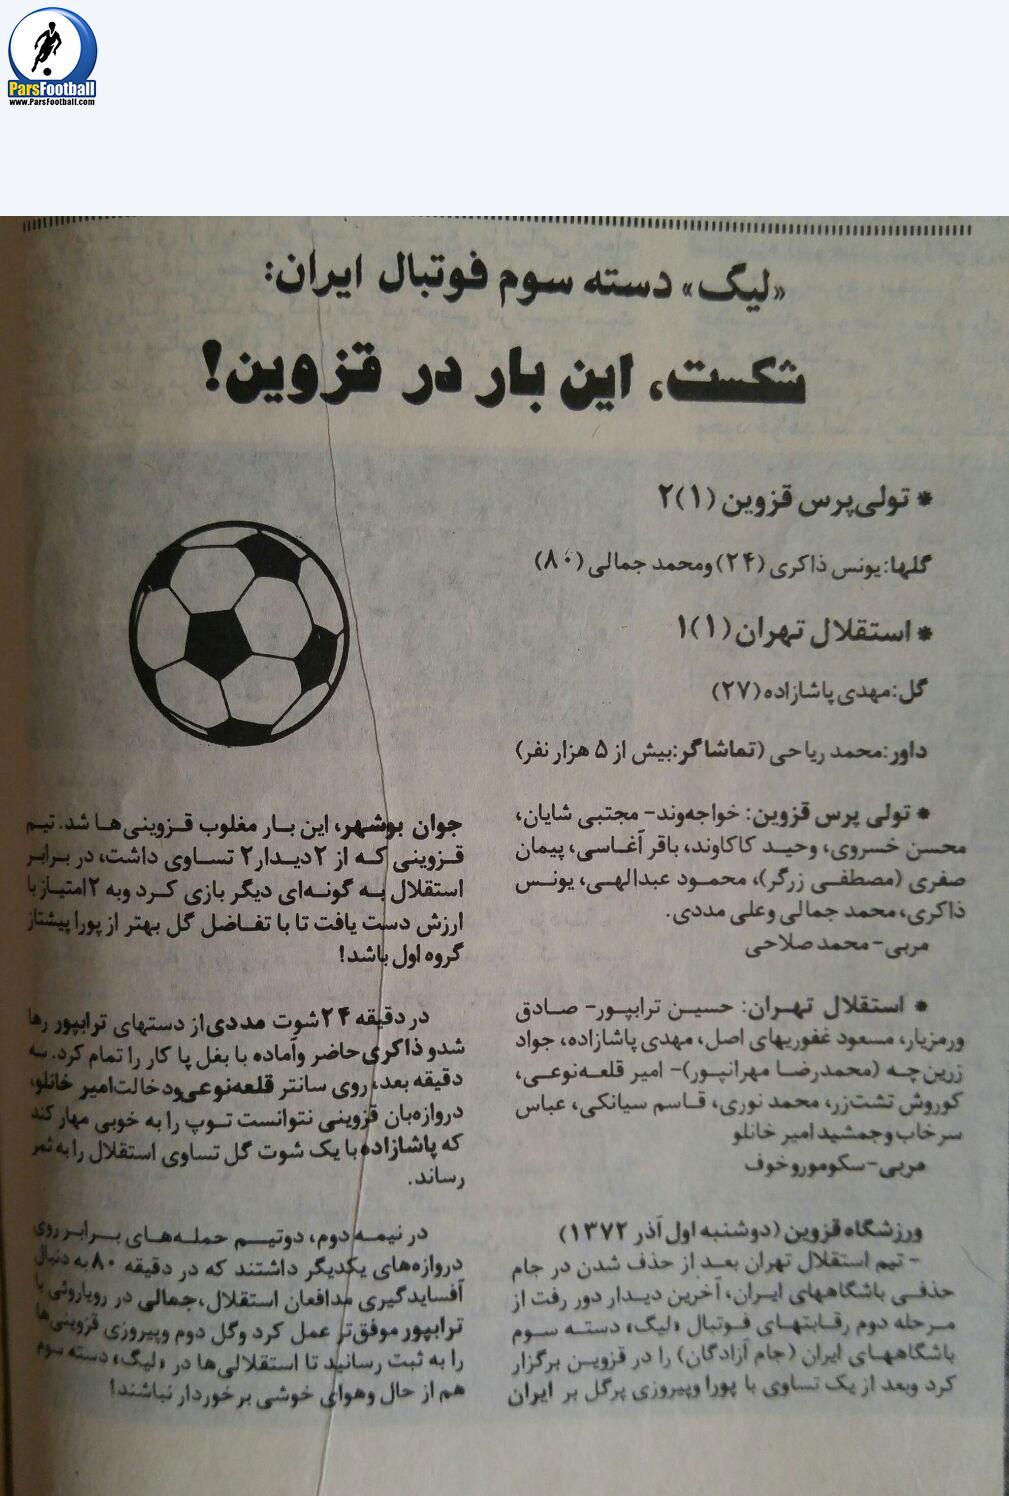 lig3esteghlal